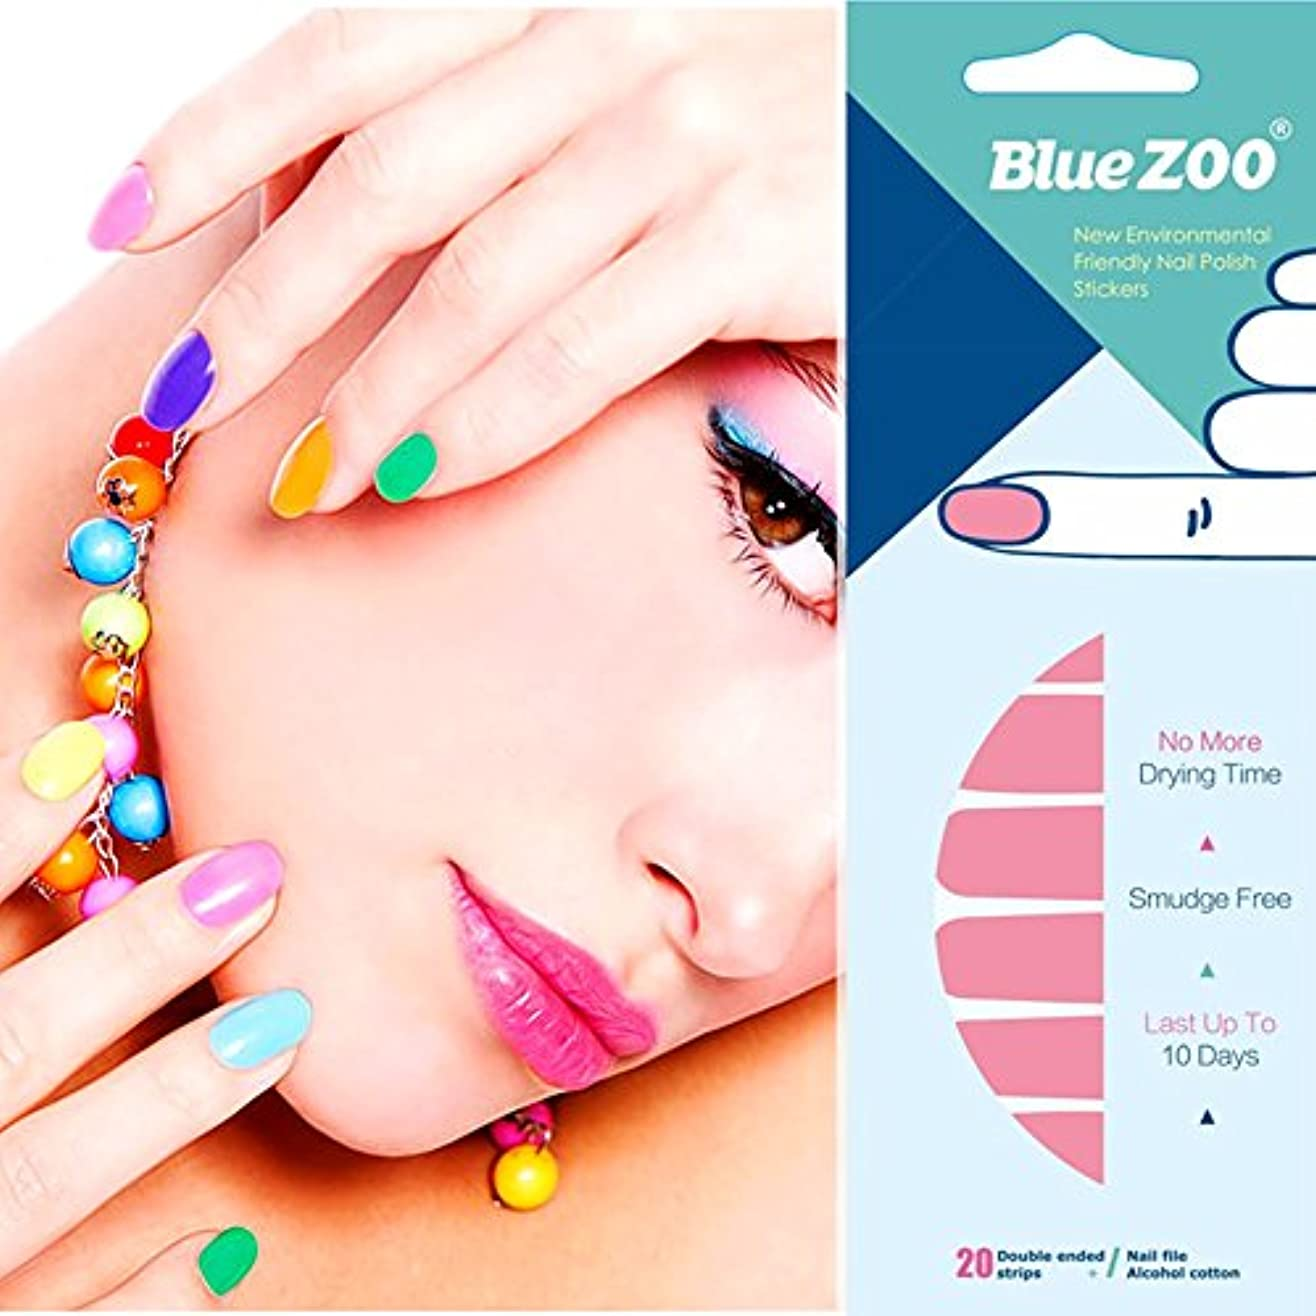 彼女純粋な感嘆符BlueZOO (ブルーズー) ネイル シール ステッカー 高品質の 純色の ネイル ペースト 20個/枚 貼るだけマニキュア